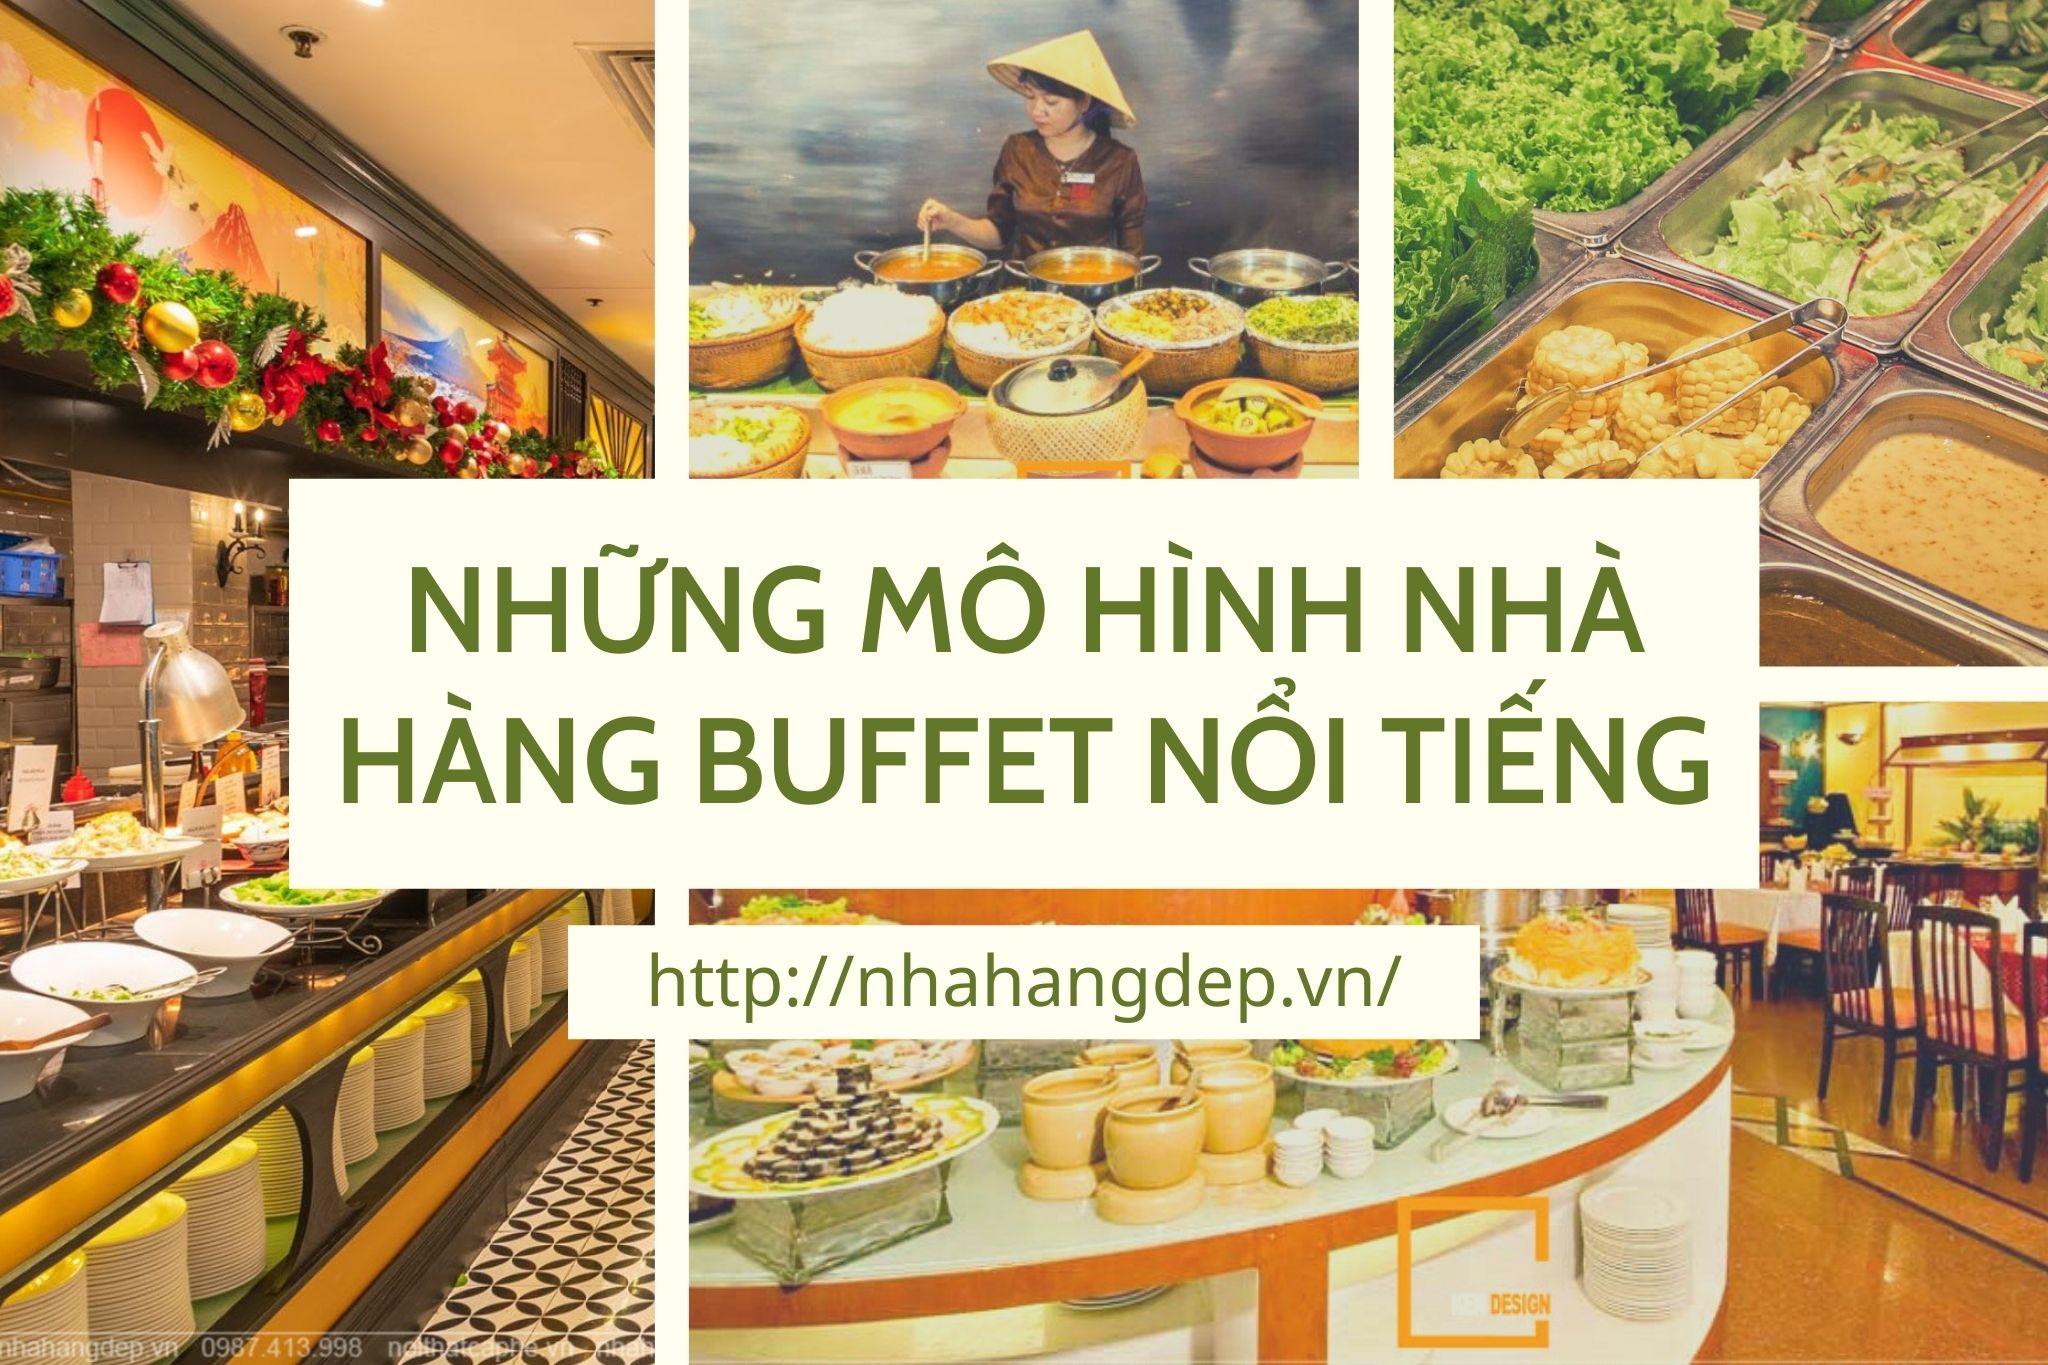 """Điểm danh 4 mô hình nhà hàng buffet """"ăn nên làm ra"""" tại Việt Nam"""